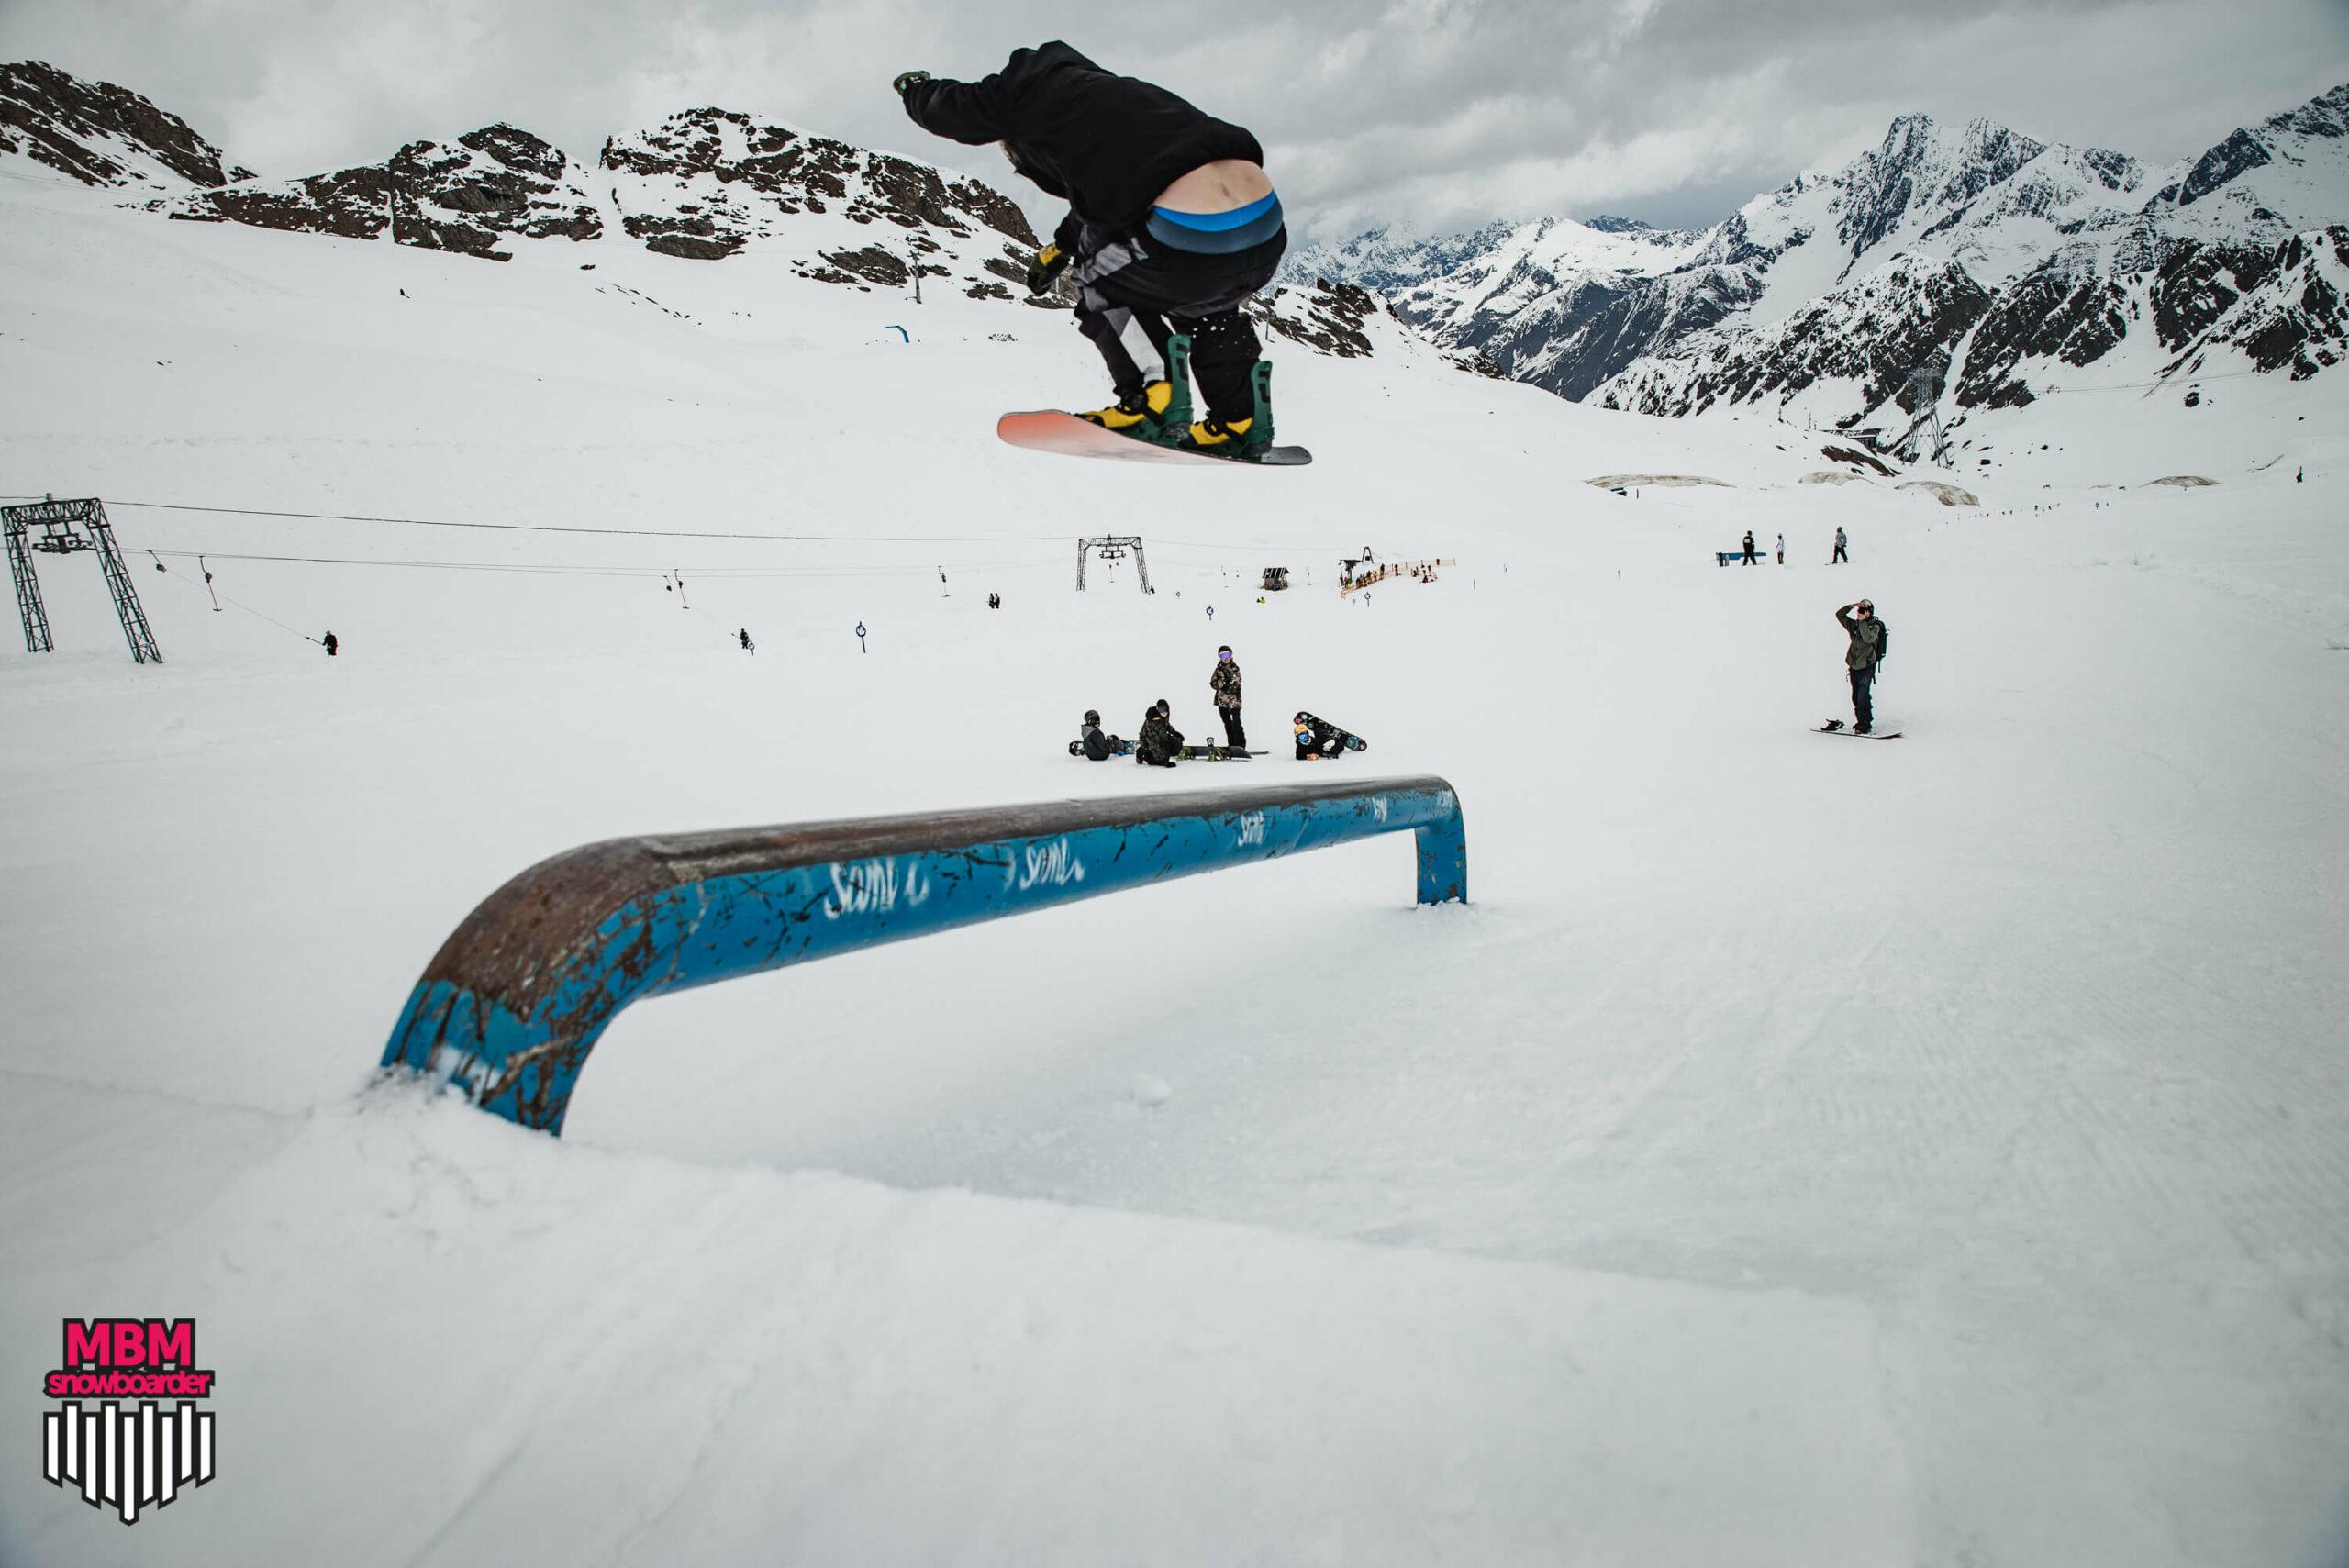 snowboarderMBM_sd_kaunertal_063